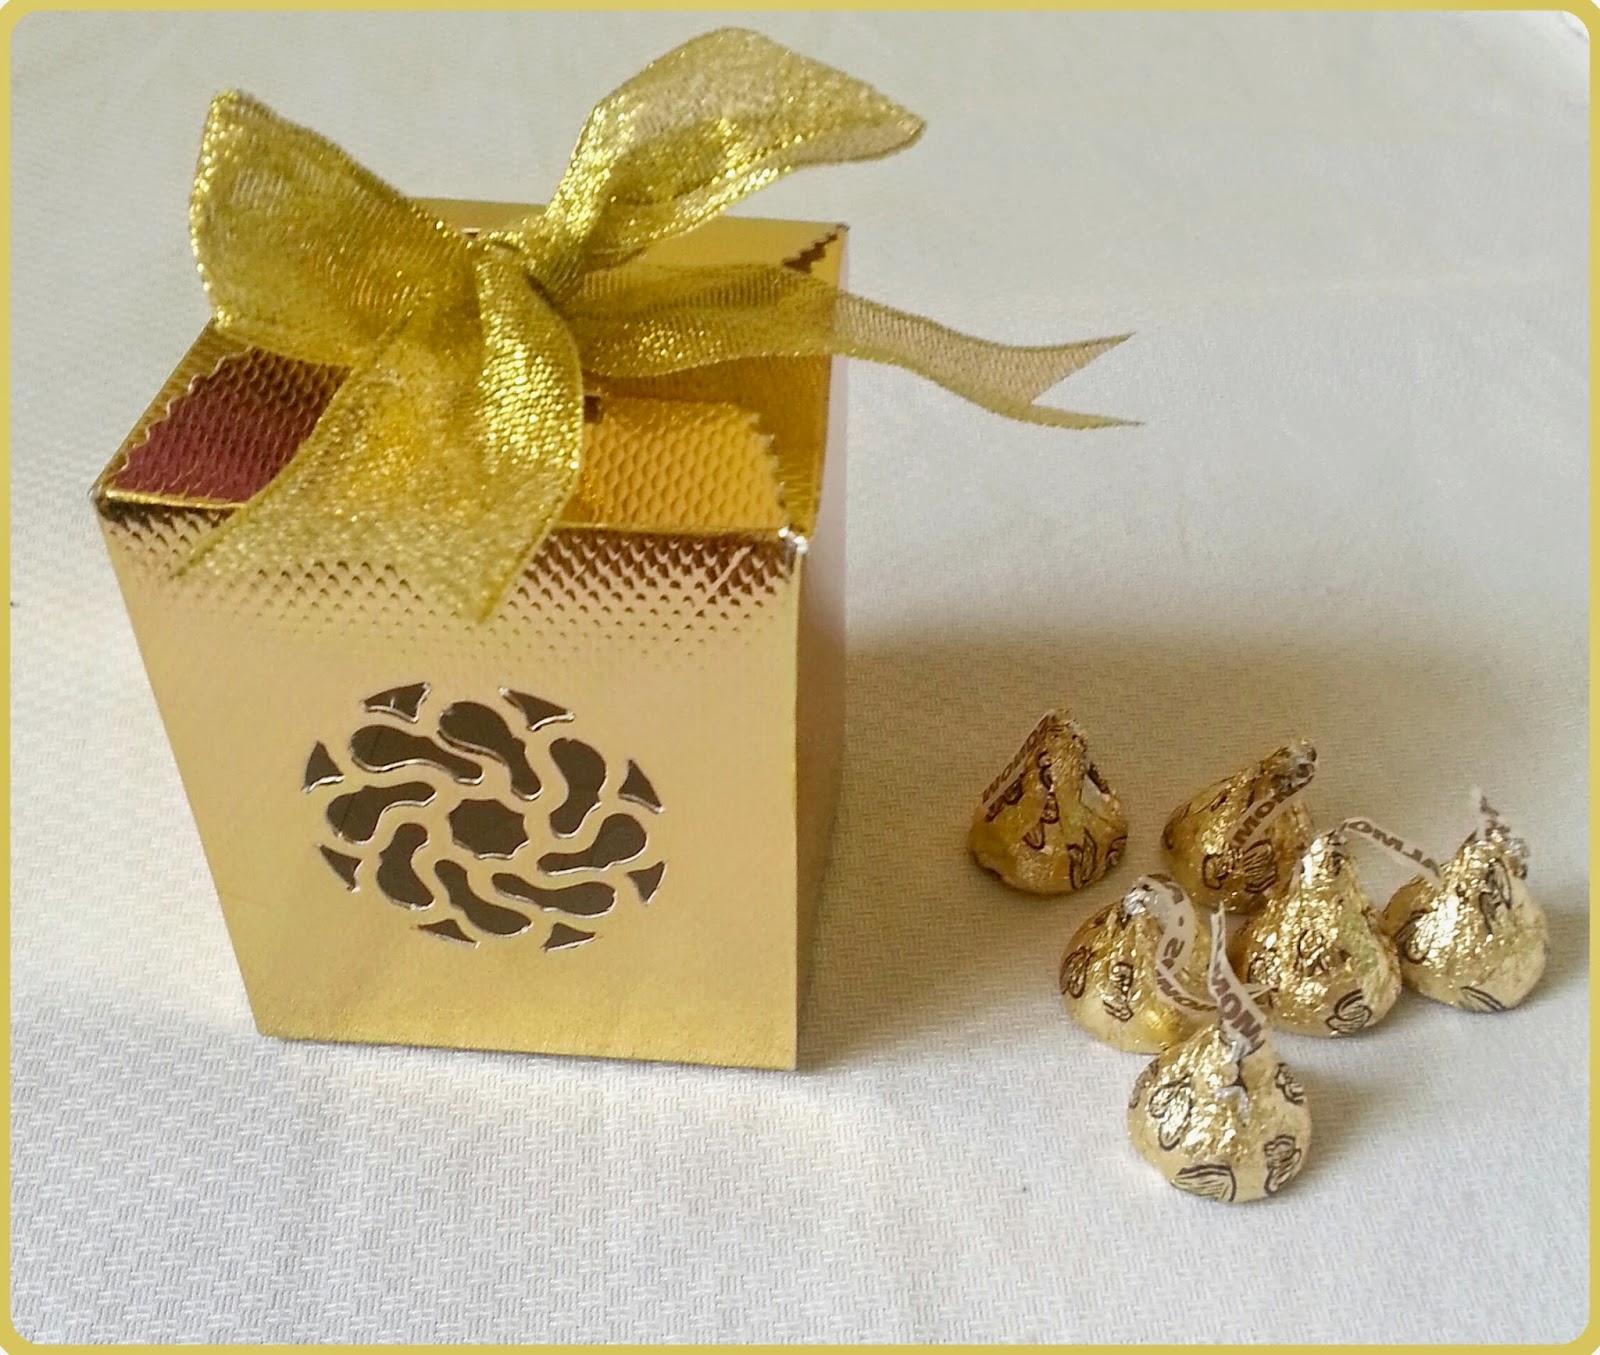 Sample door gift s le door gift u0026 50 pieces of choc for Idea door gift kahwin bajet